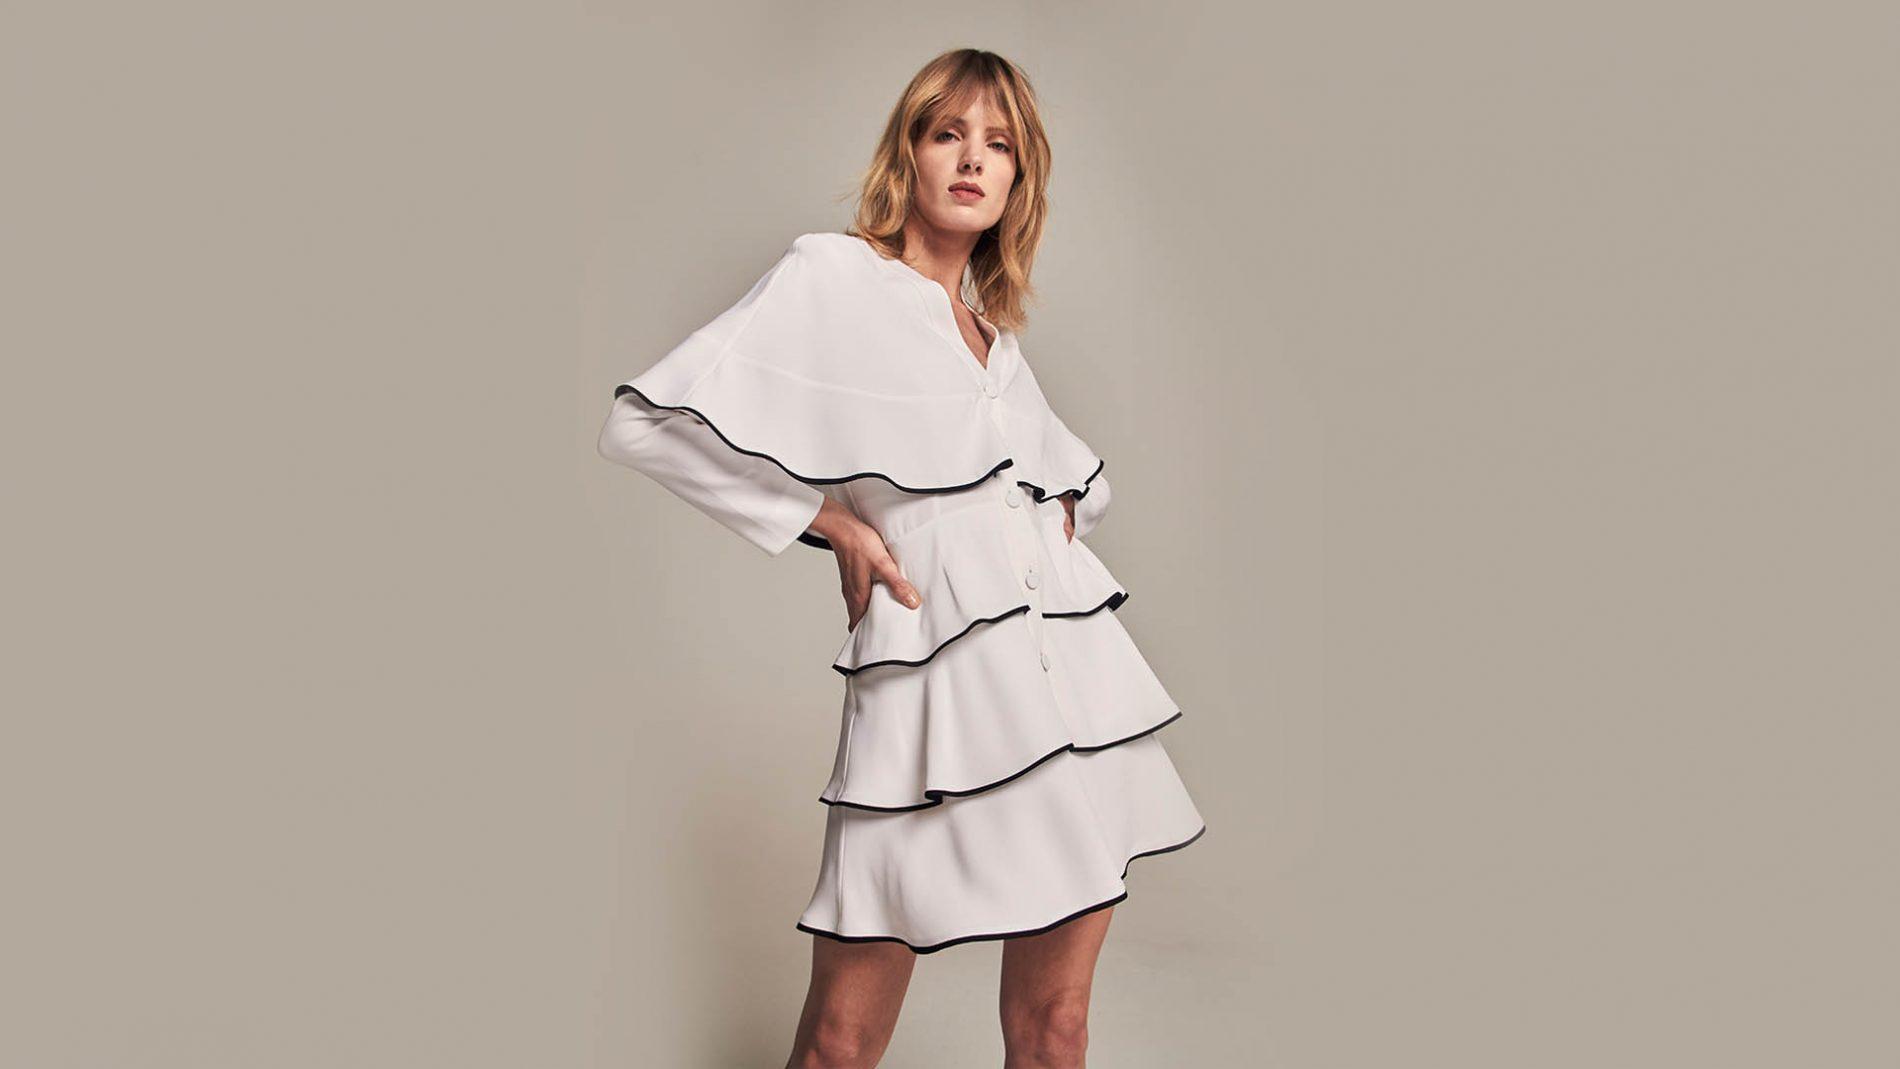 El Corte Inglés Ready-To-Wear Philosophy Dress